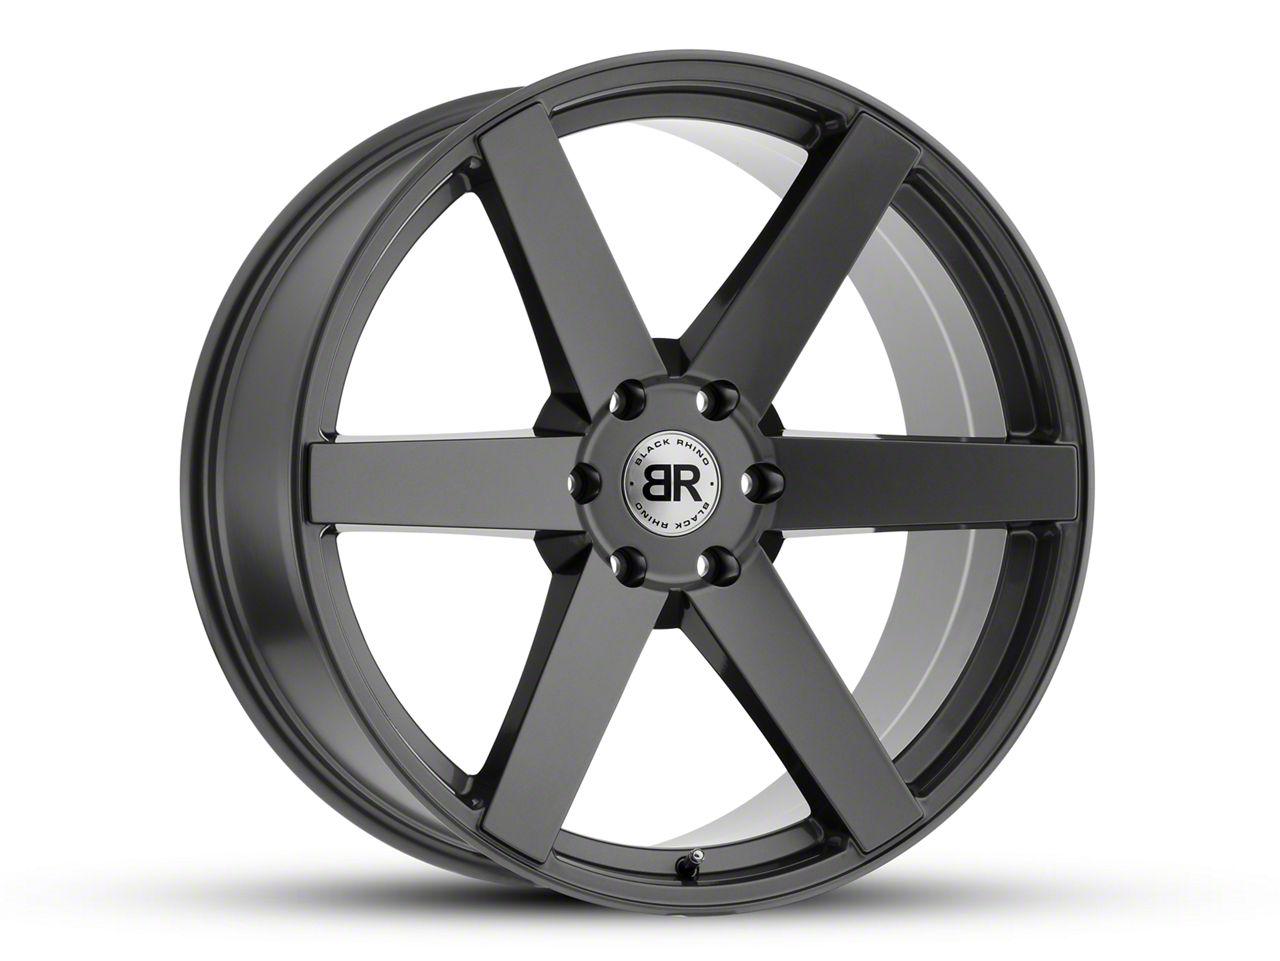 Black Rhino Karoo Gloss Gunmetal 6-Lug Wheel - 20x9.5 (07-18 Sierra 1500)